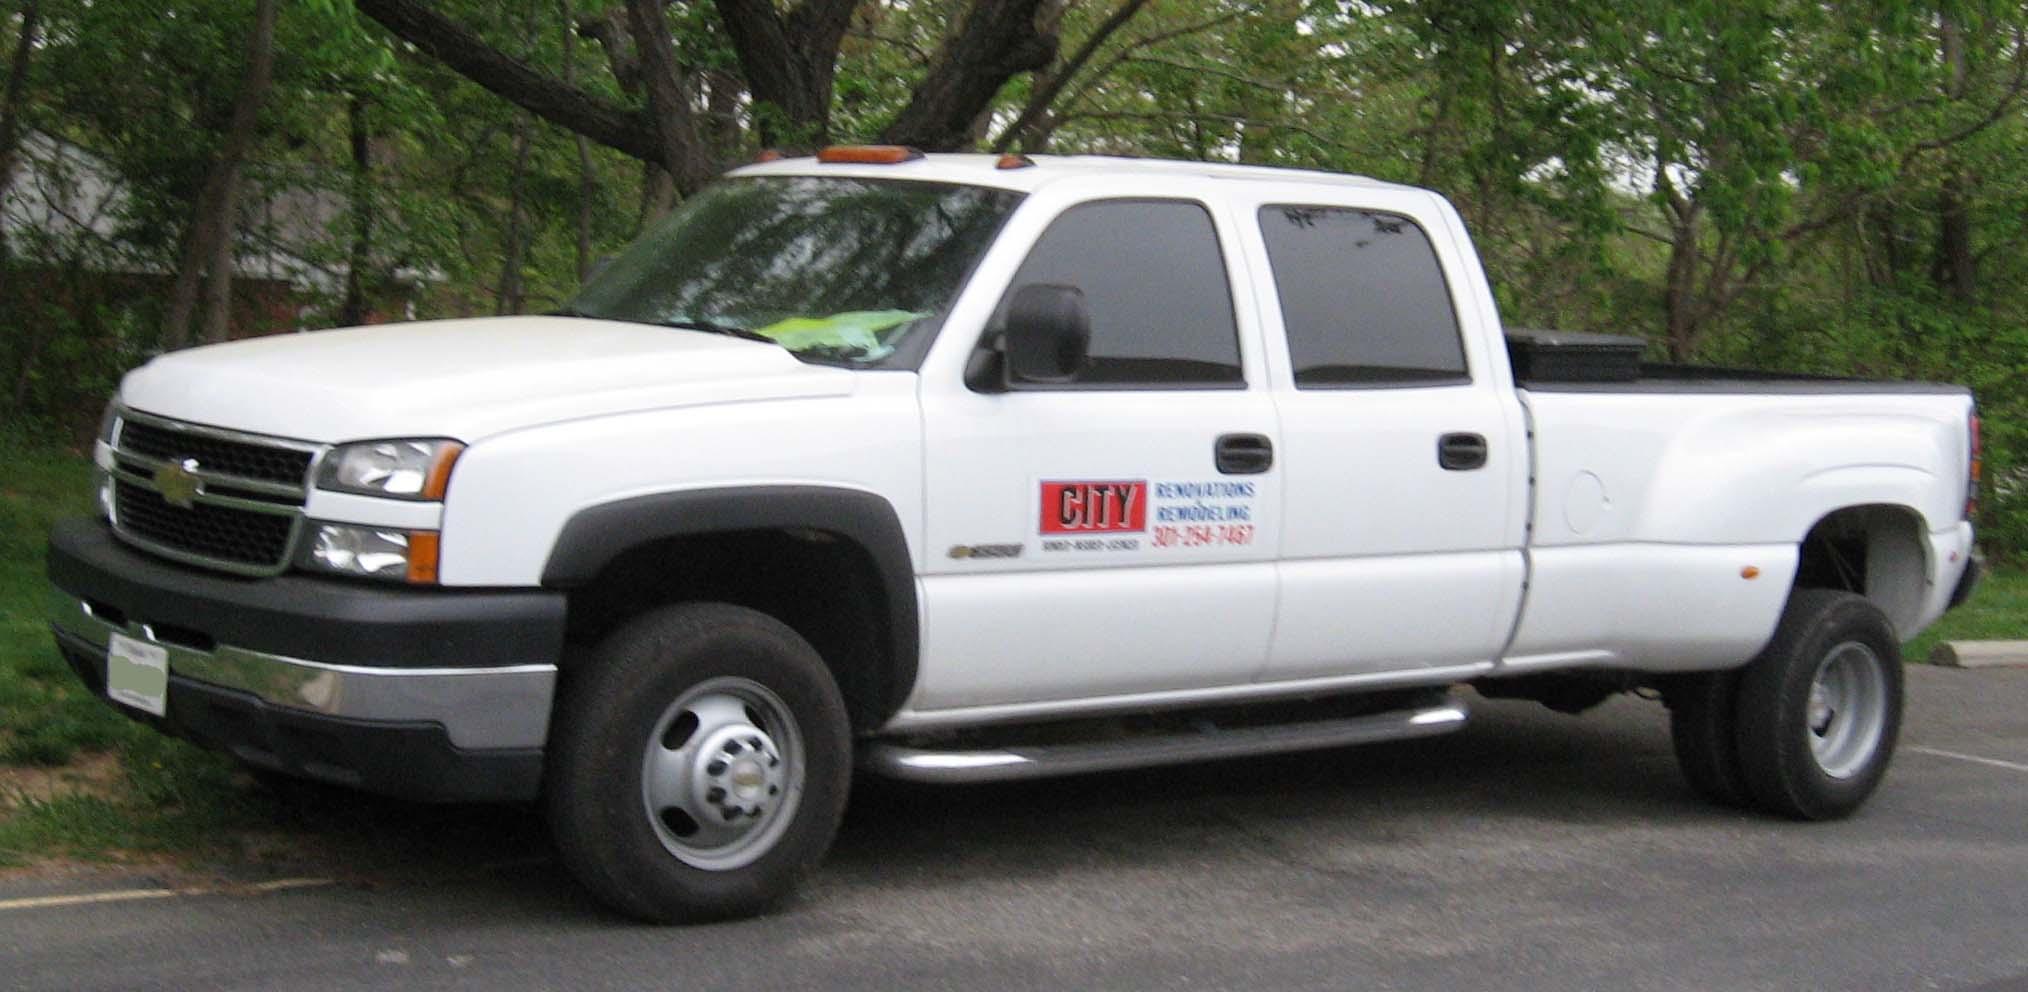 Chevy Silverado Wiki >> File Chevrolet Silverado 3500 Jpg Wikimedia Commons